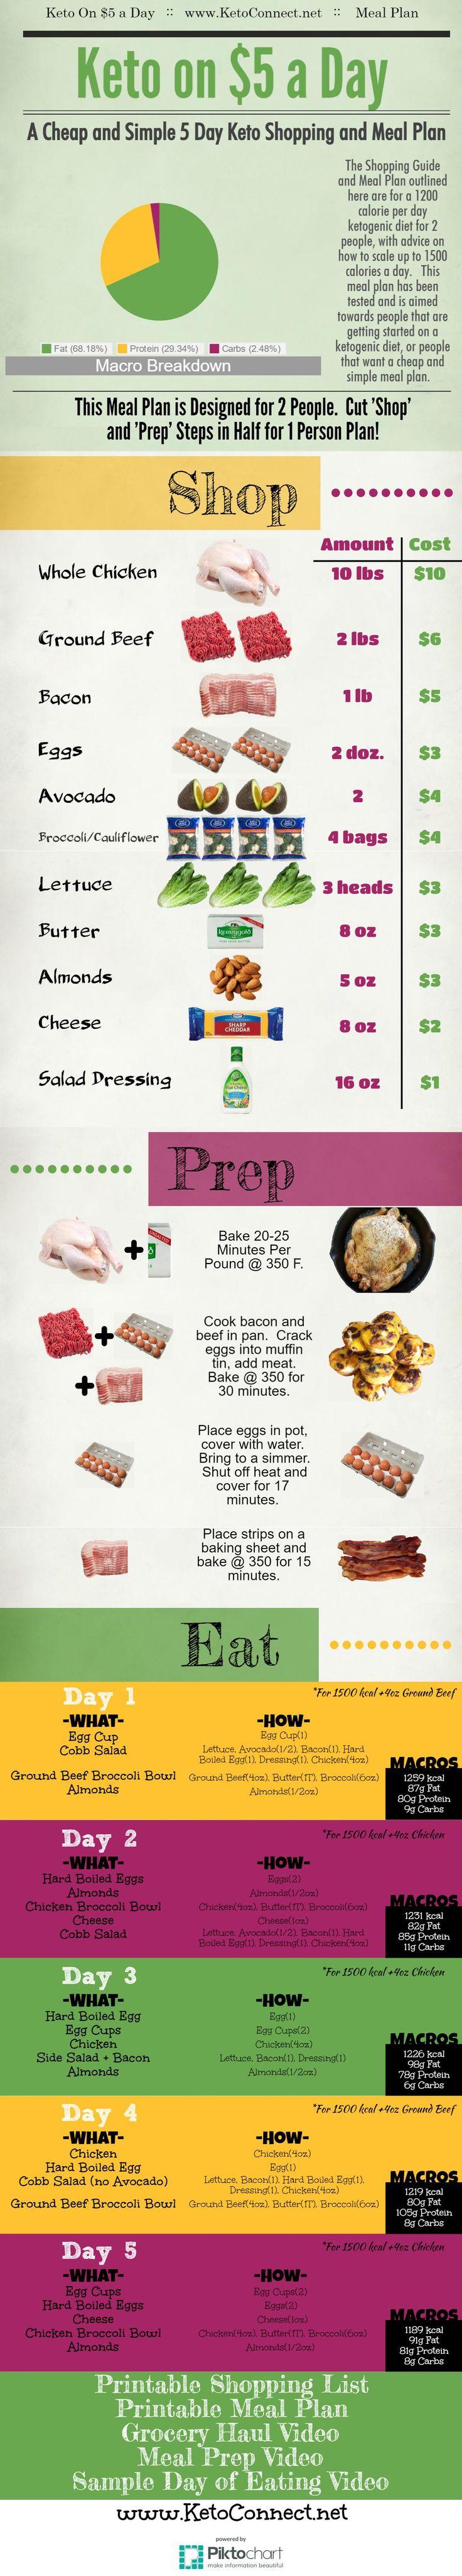 Eine super einfache Art, eine ketogene Diät für 5 US-Dollar pro Tag zu machen. Voller Speiseplan und …